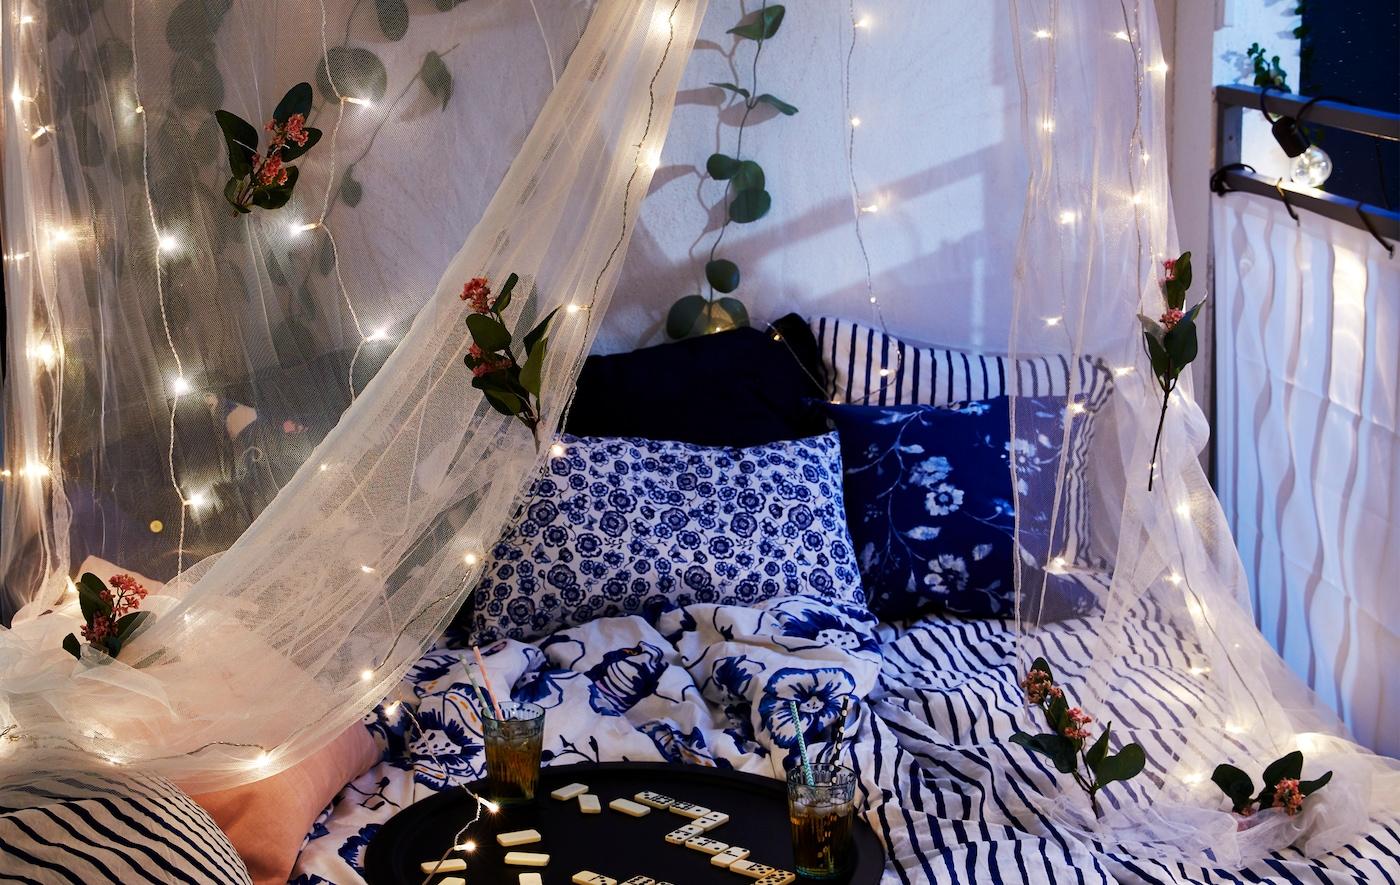 Spostare La Cucina Sul Balcone idee per modificare il balcone in una camera da letto - ikea it